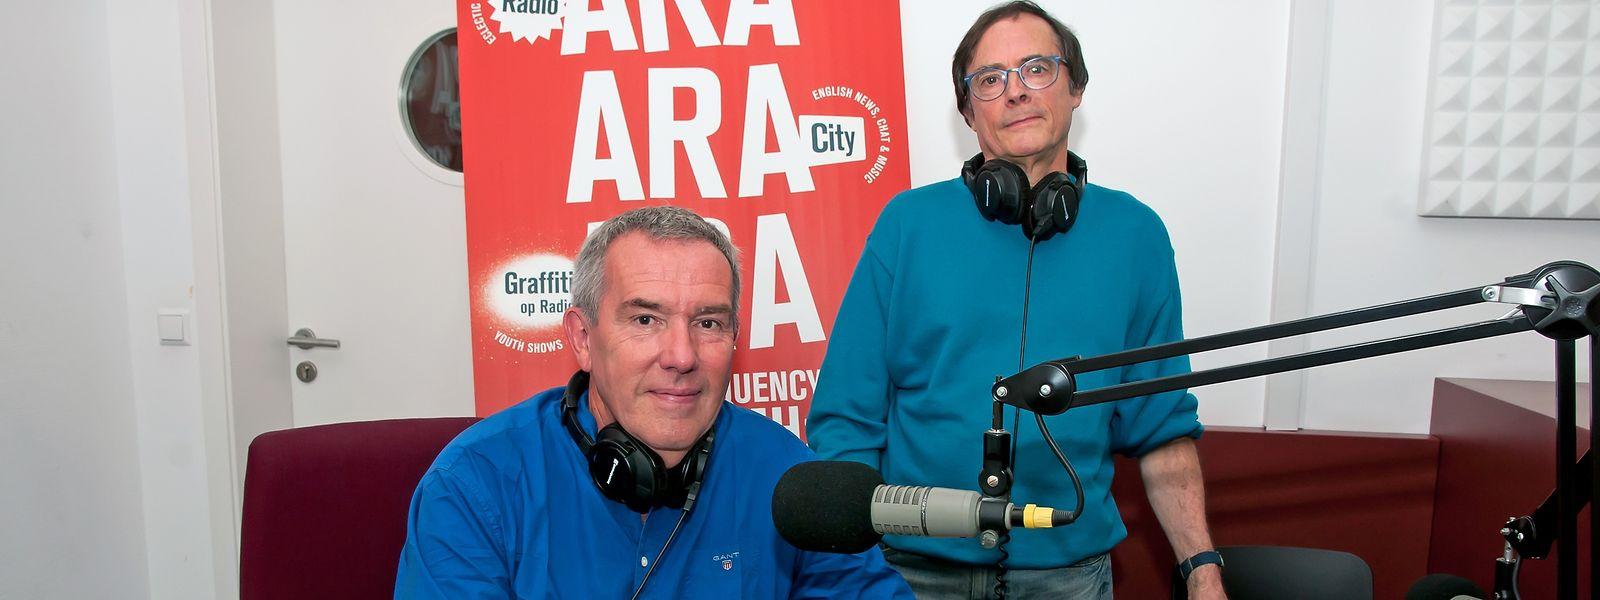 Seit 25 Jahren sind Robert Garcia und Germain Bintz schon ein Team. Seit kurzem sendet das Radio aus den Rotunden in Bonneweg.